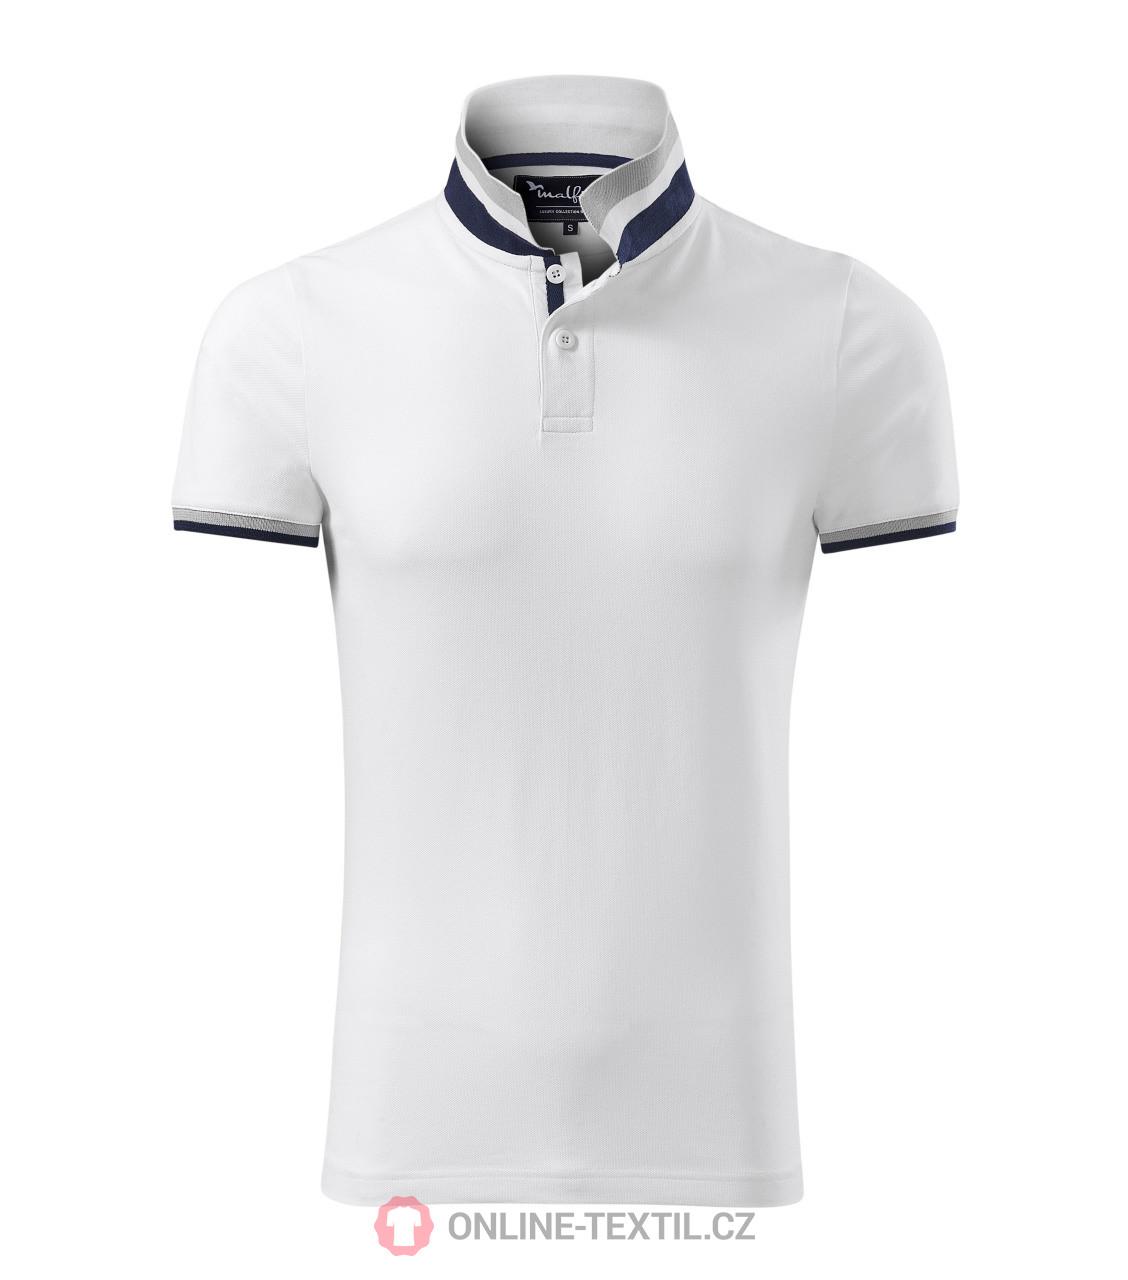 28771819b89 ADLER CZECH Premium heavyweight gents polo shirt Collar Up 256 ...